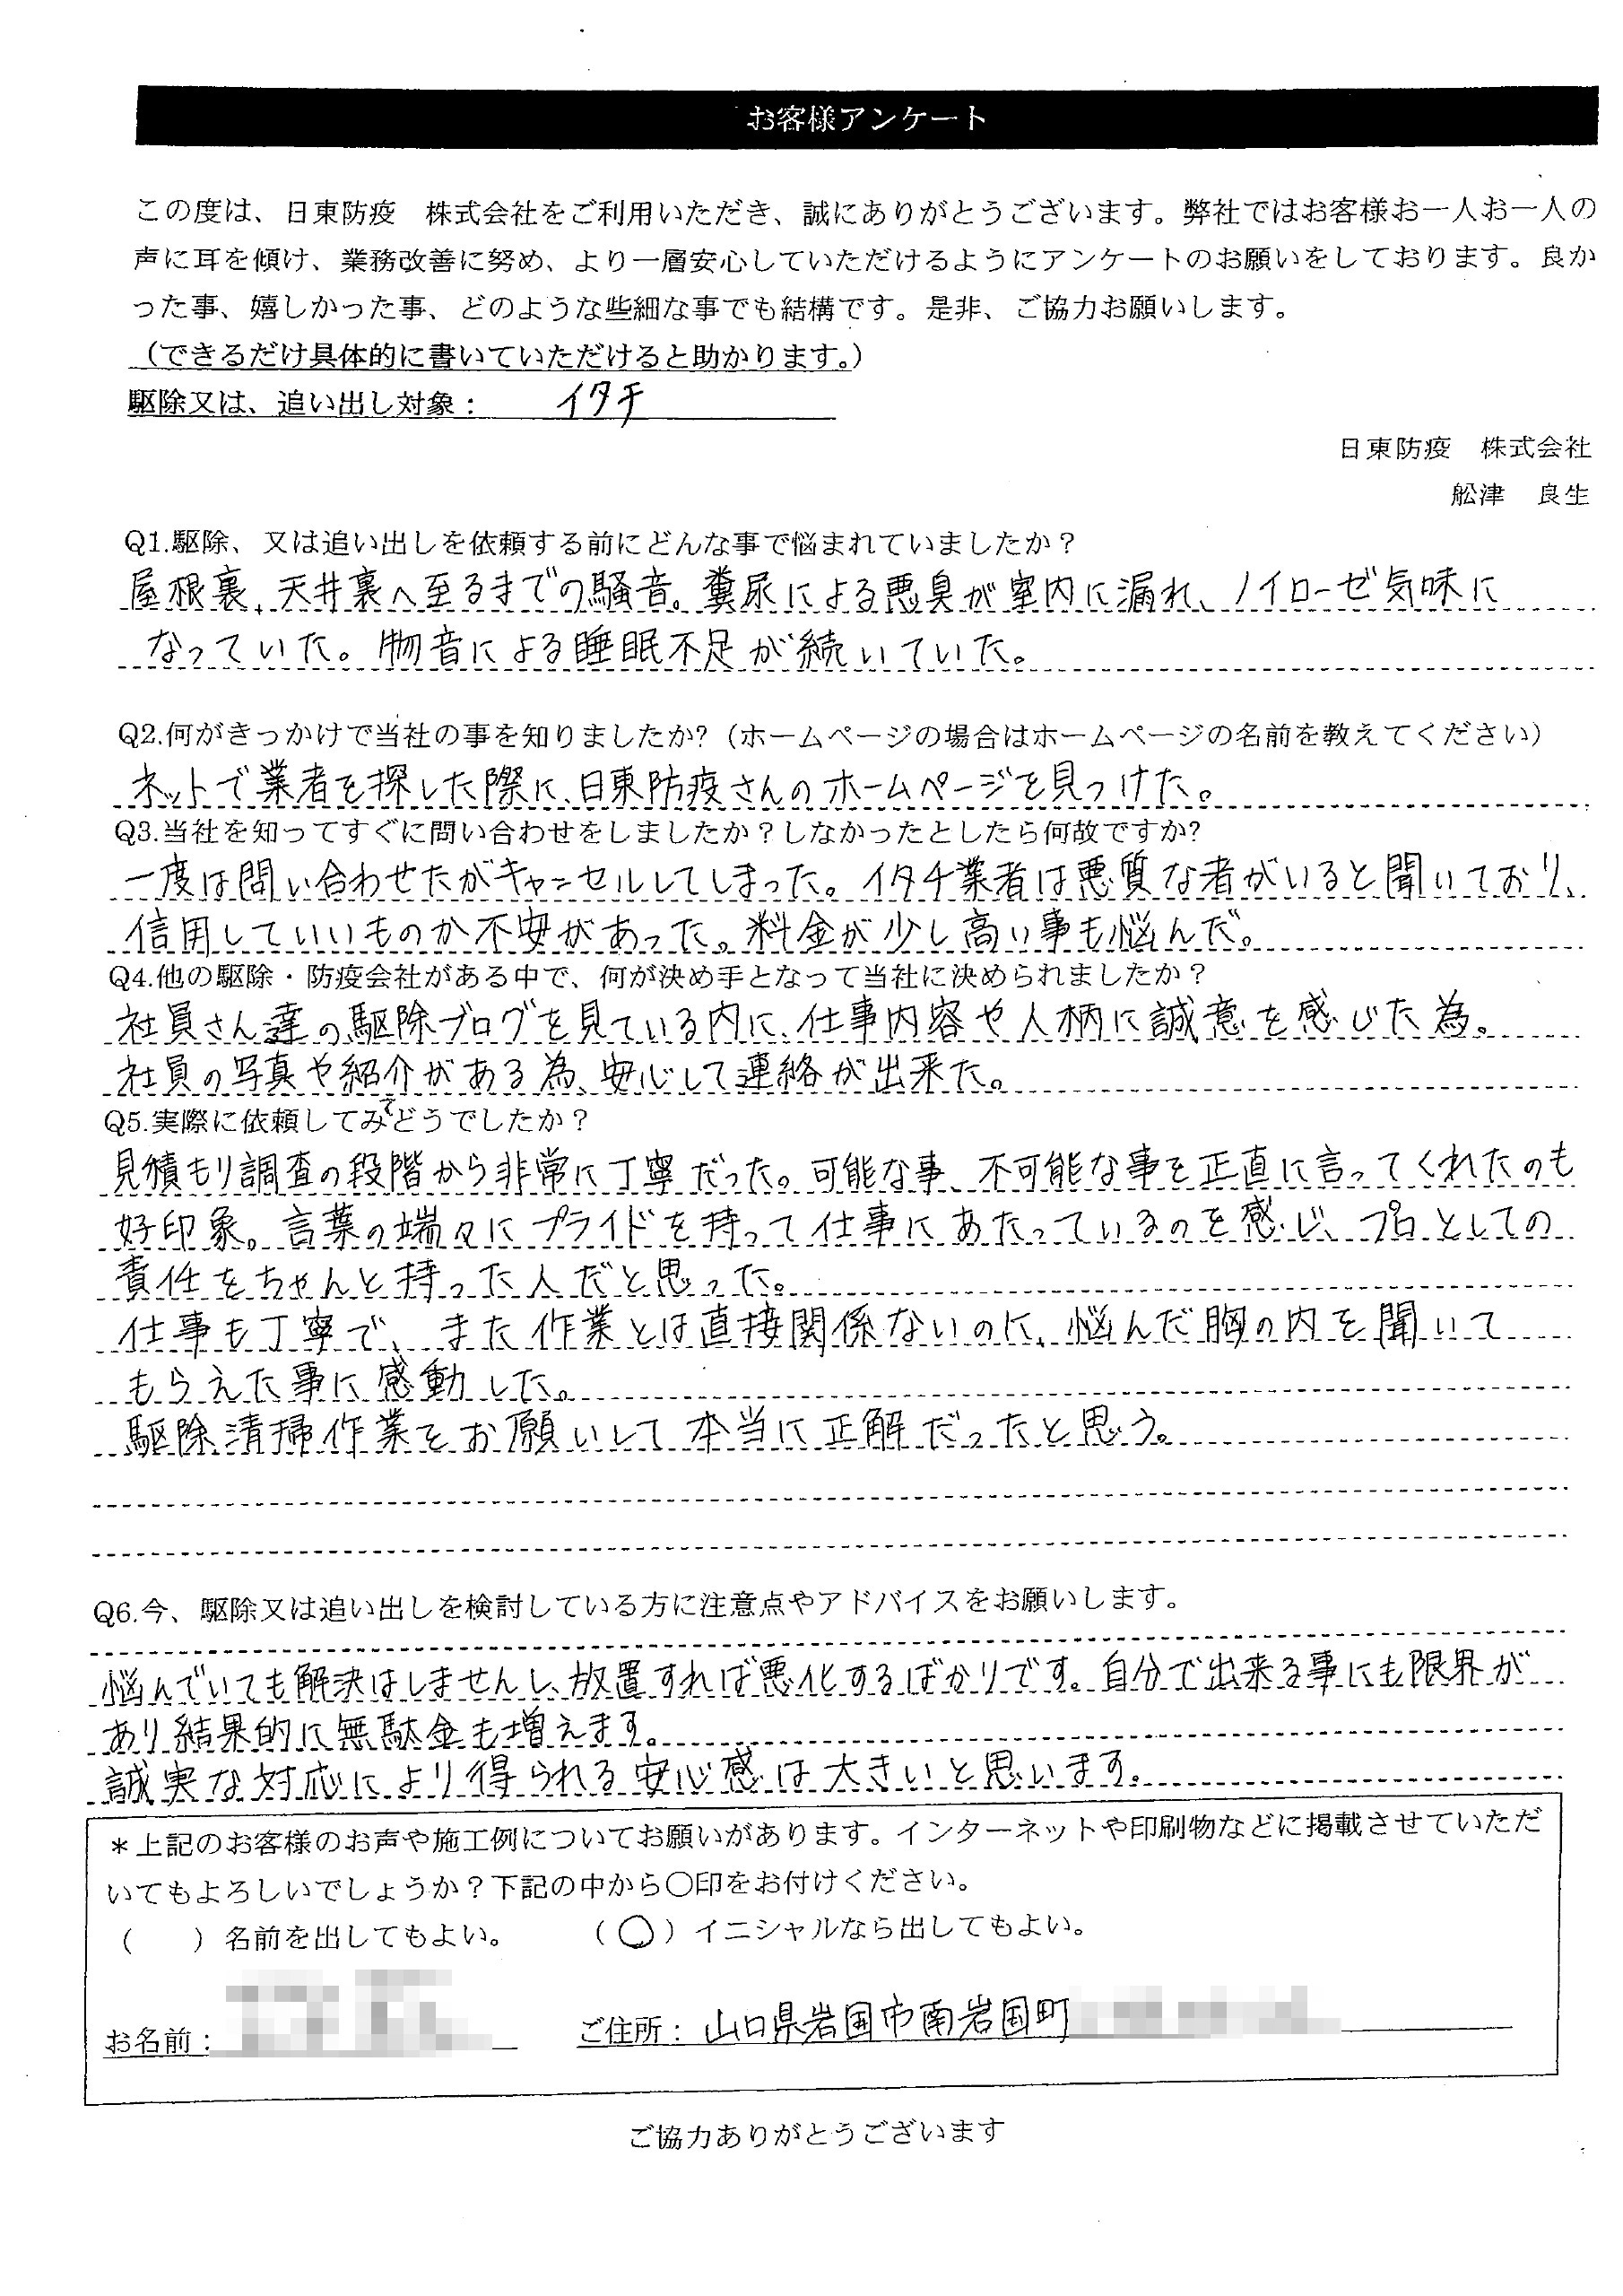 画像:Y様アンケート用紙